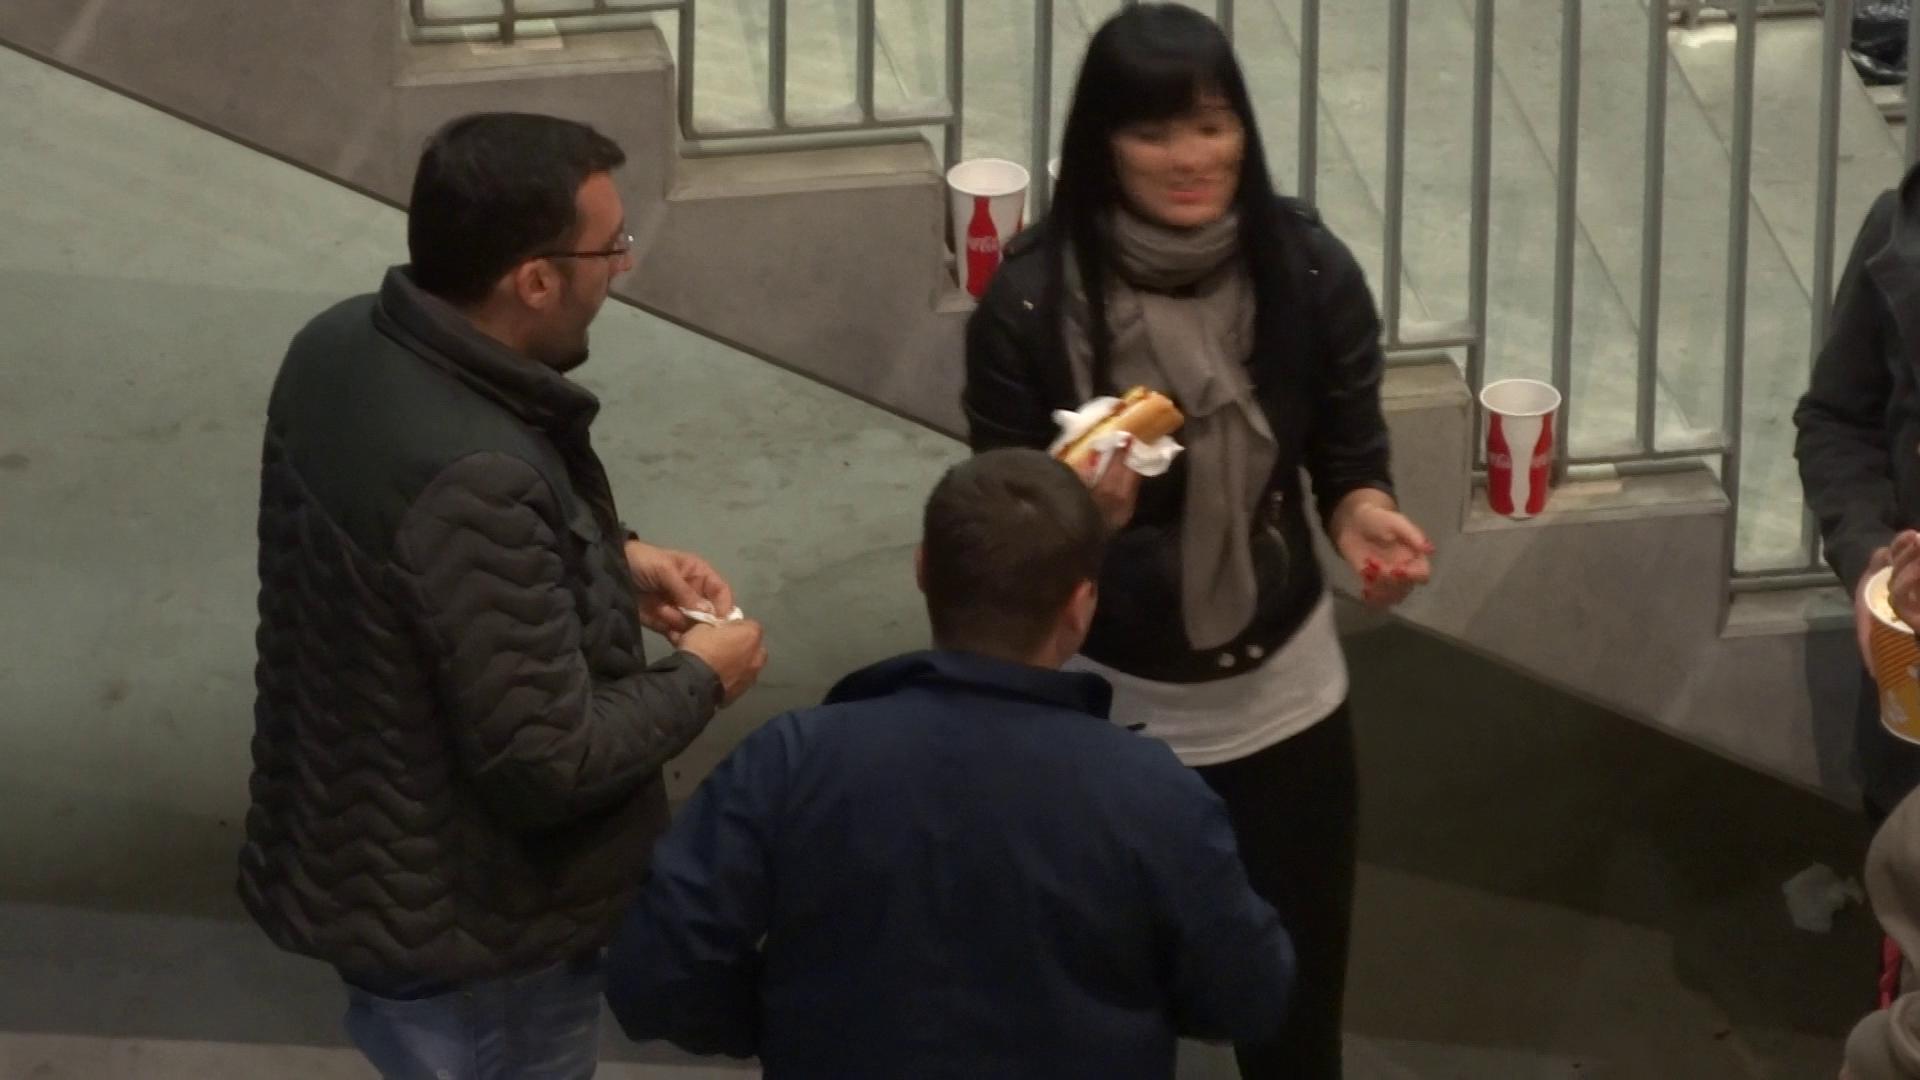 Fostul iubit al Ioanei Basescu le-a cumparat fetelor hot dog, floricele si sucuri